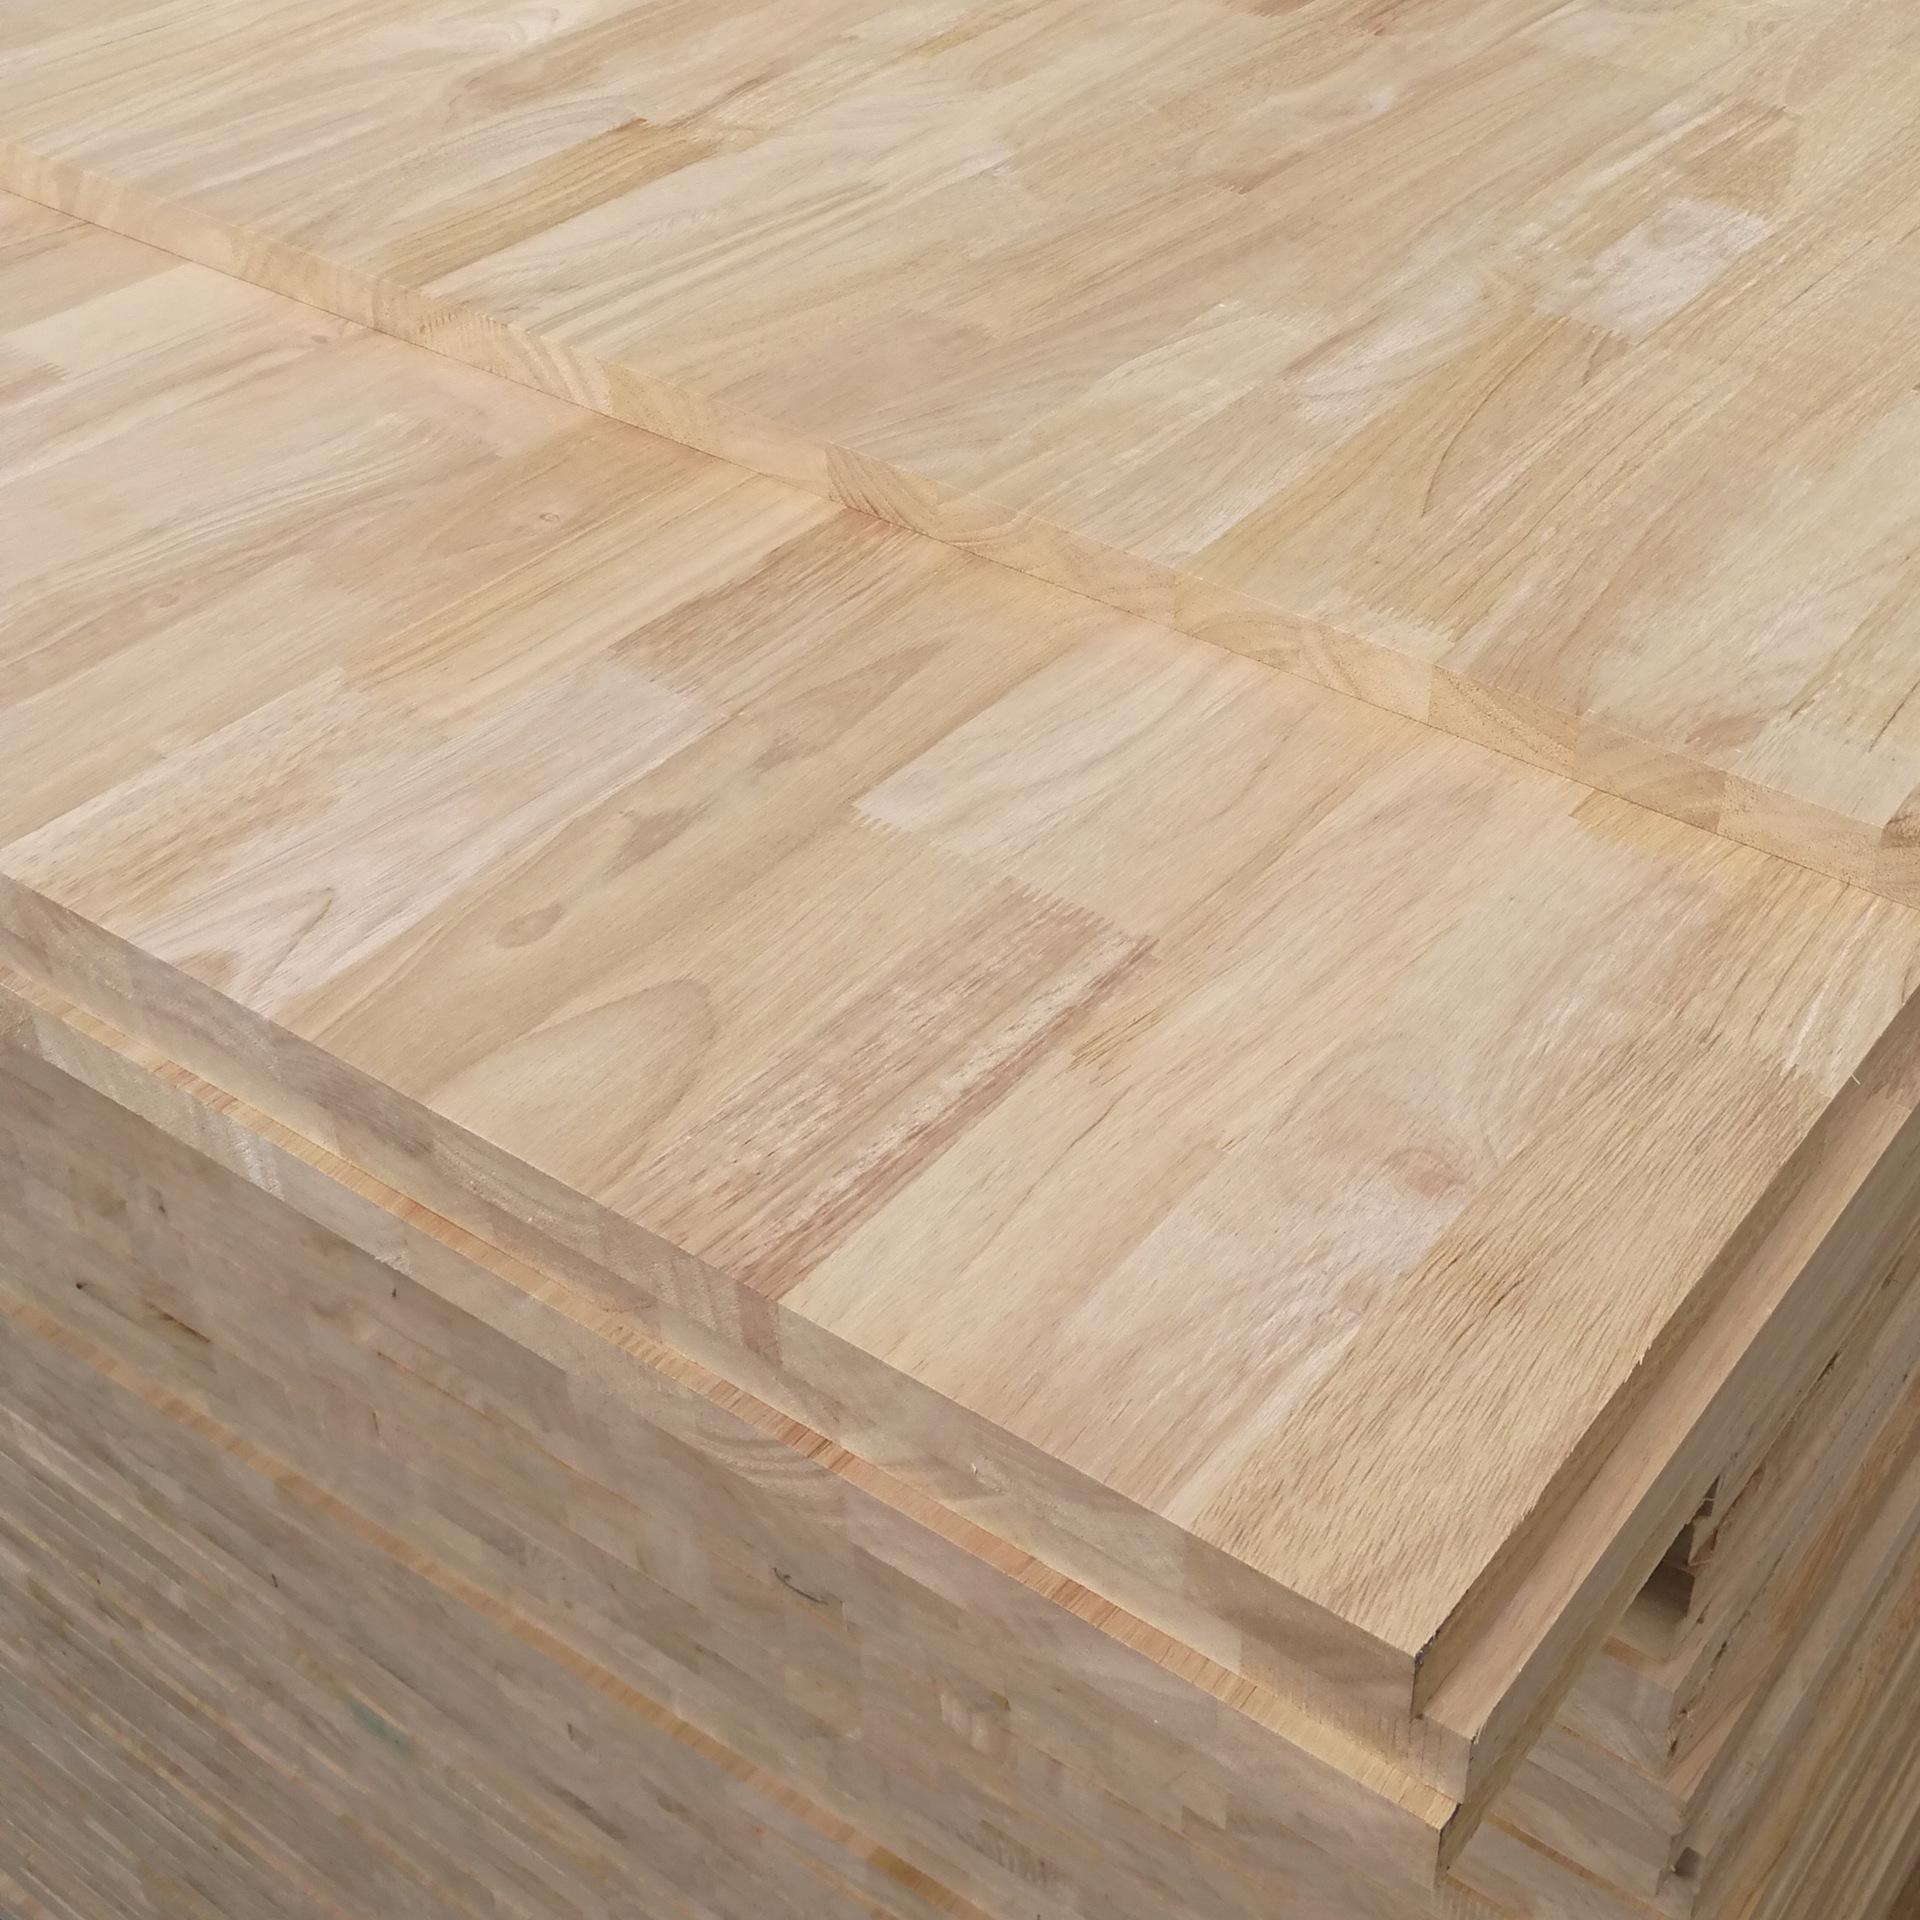 BAIYUE Ván gỗ Nhà máy trực tiếp trong nước Hải Nam cao su gỗ ngón tay bảng điều khiển Gỗ rắn tích hợ